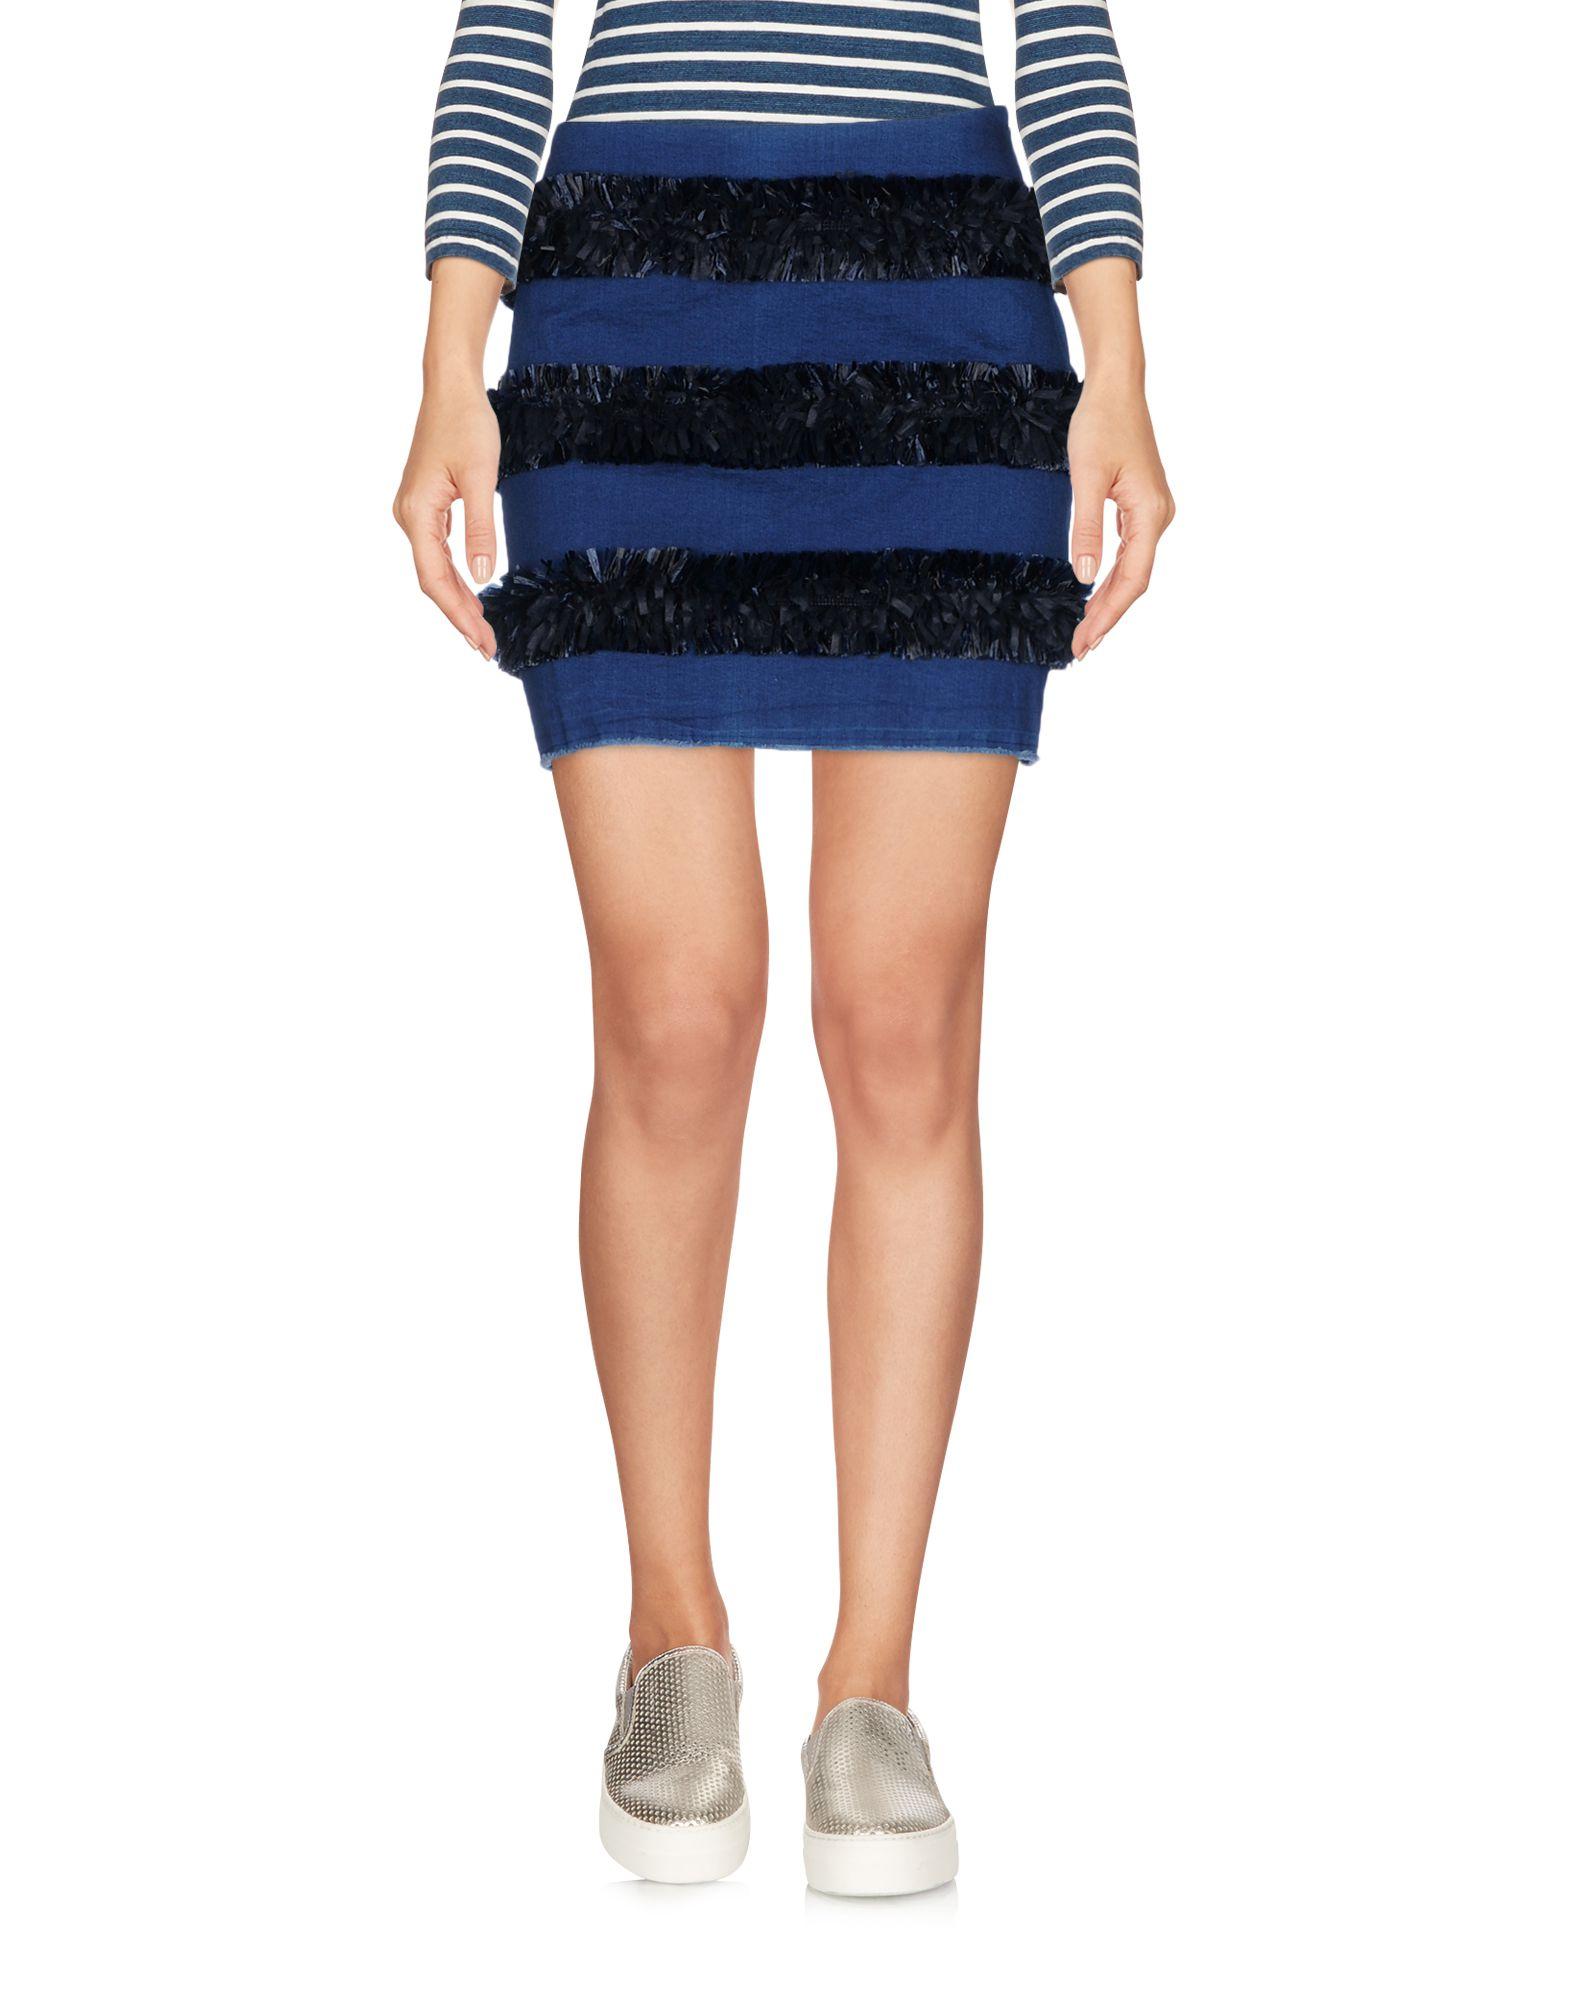 TWISTY PARALLEL UNIVERSE Джинсовая юбка twisty parallel universe джинсовая верхняя одежда